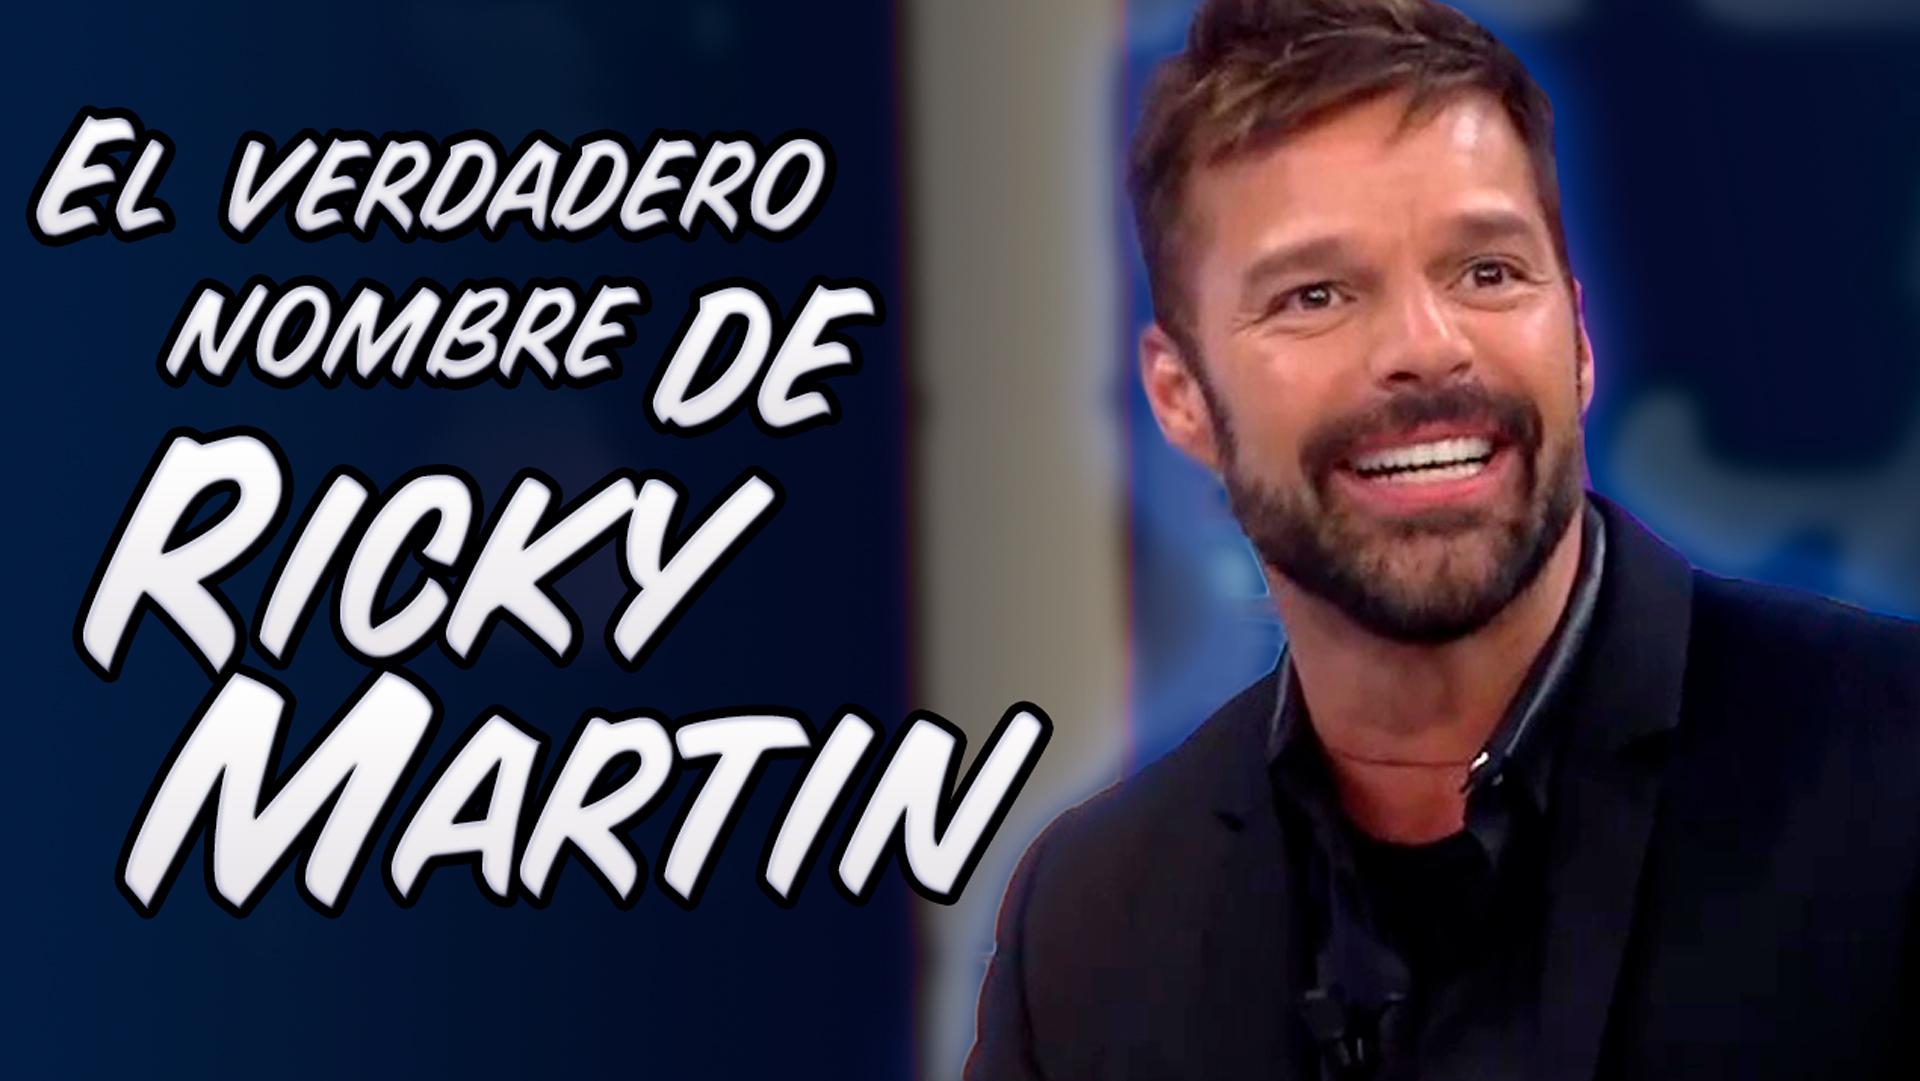 Temporada 1 El verdadero nombre de Ricky Martin (Doblaje) | Korah